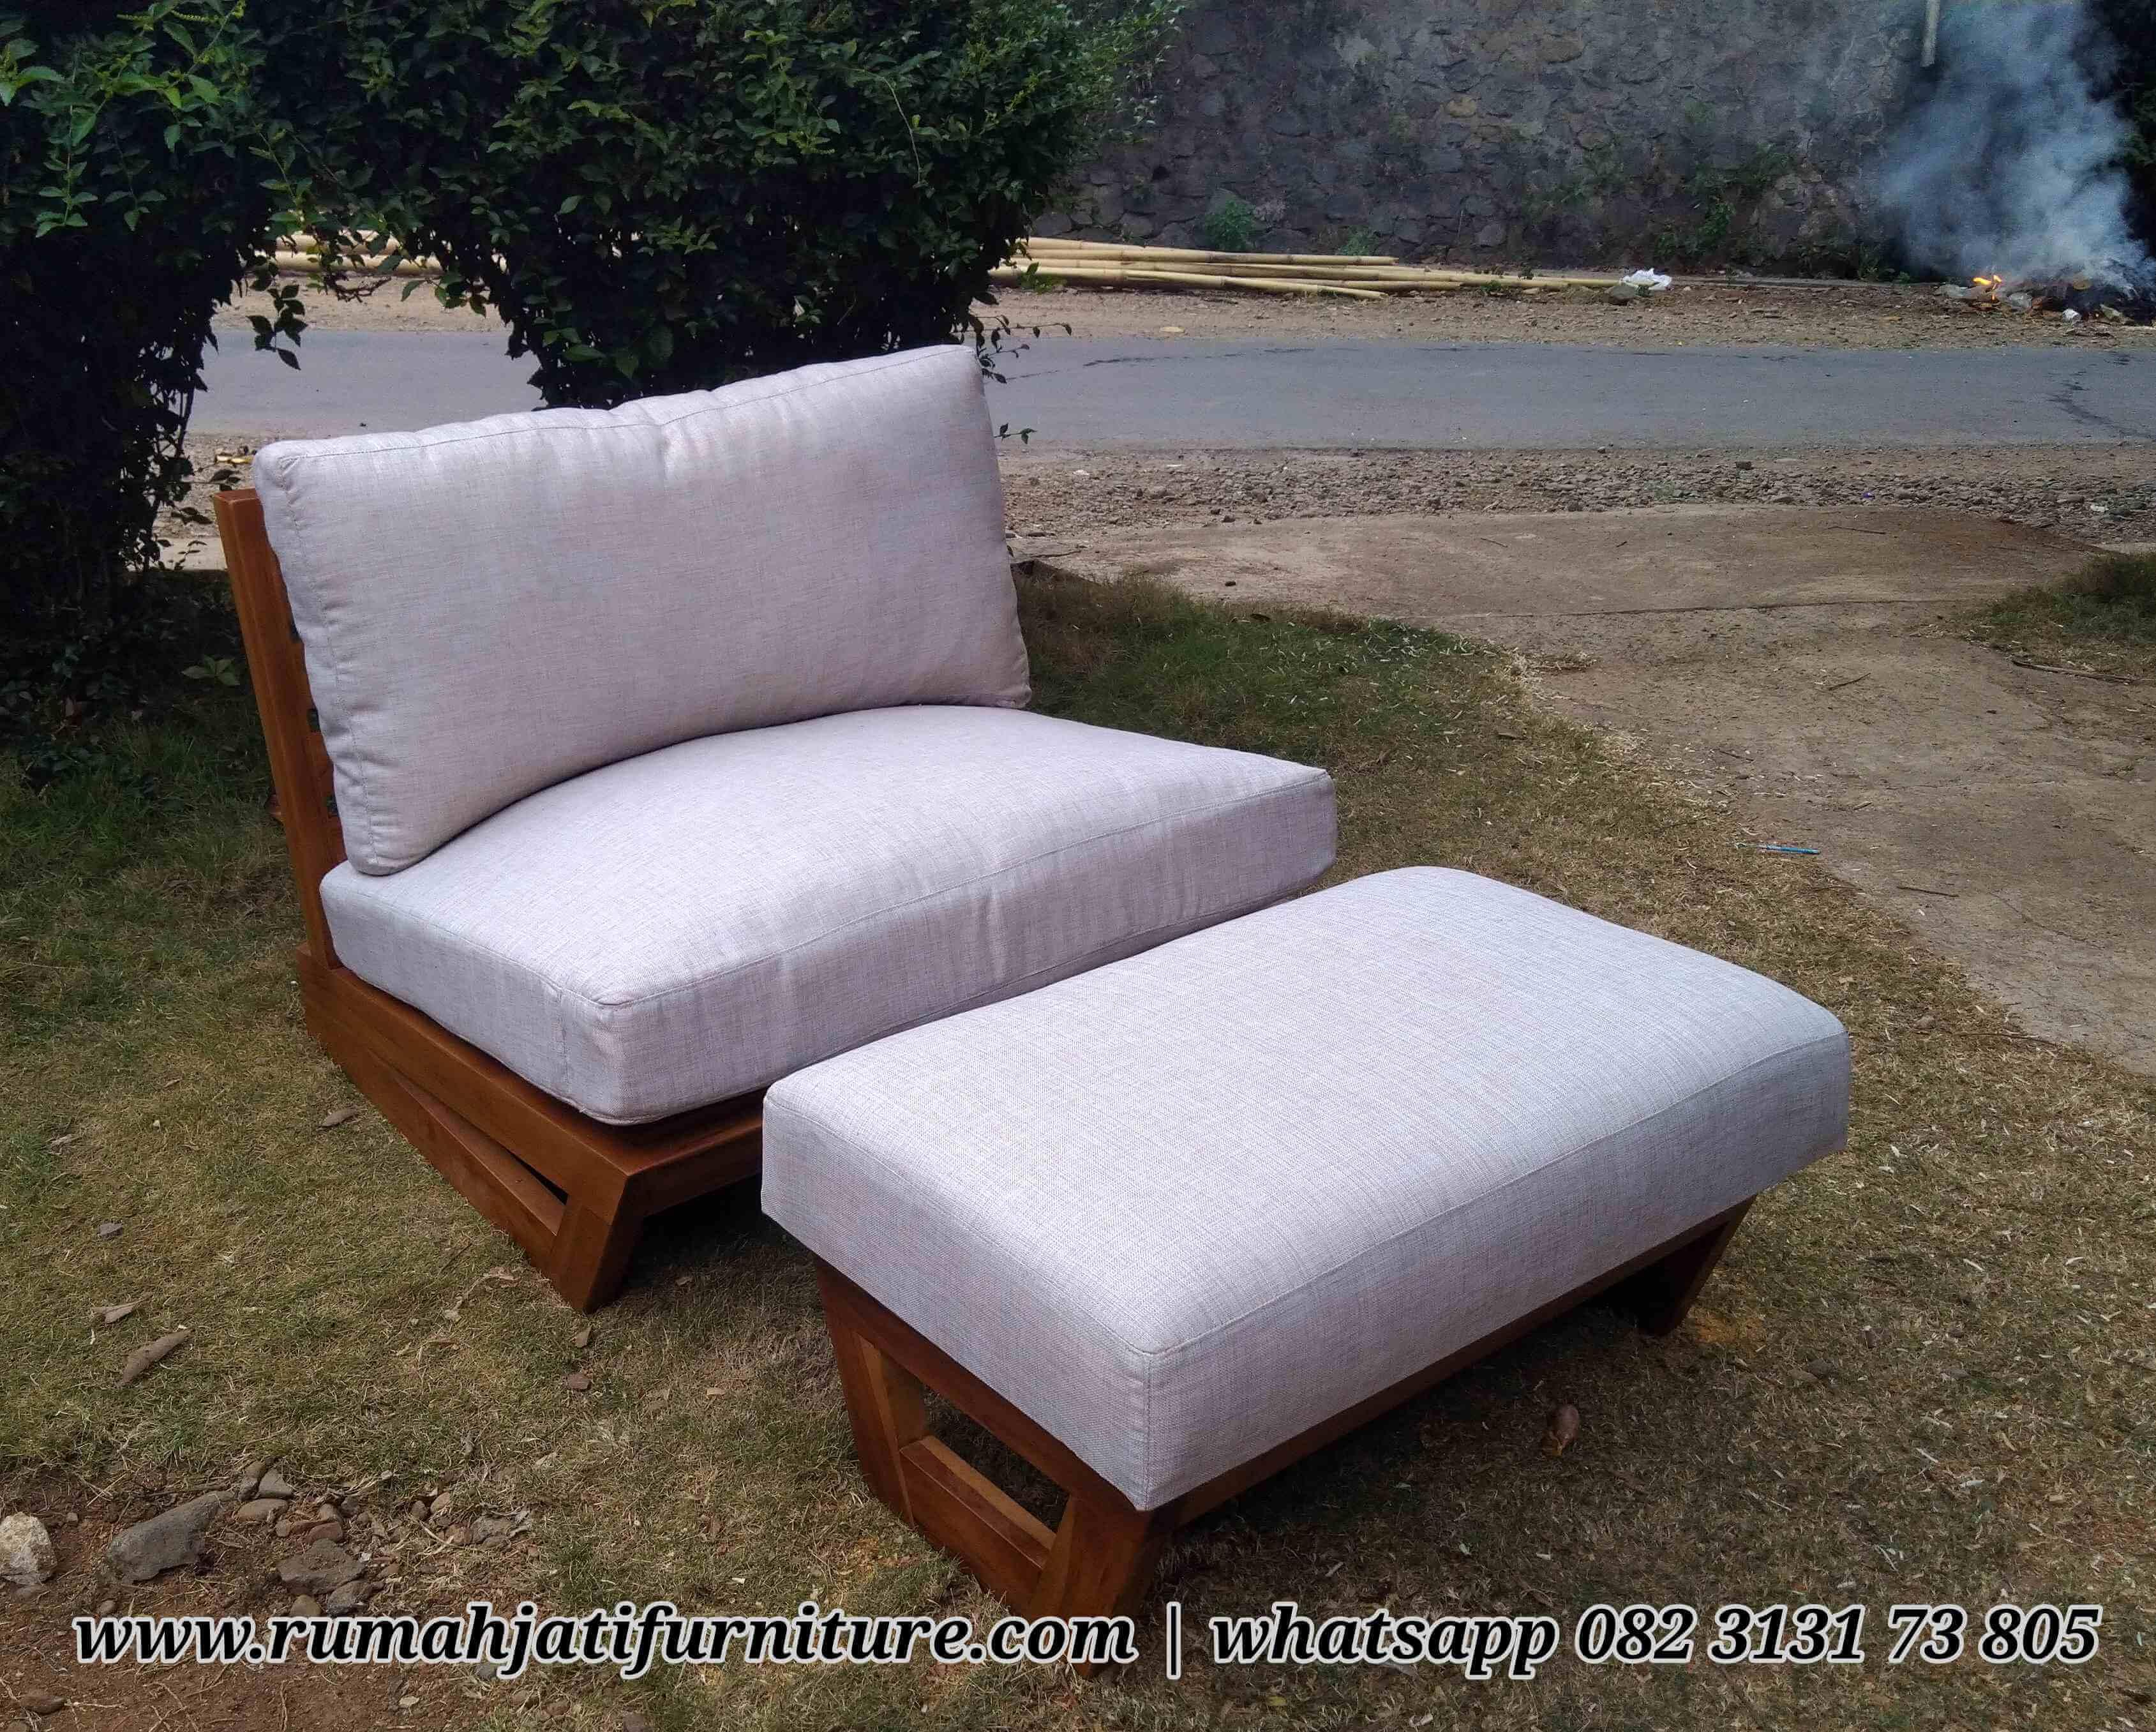 Gambar Sofa Single Lesehan Ala Jepang | Rumah Jati Furniture